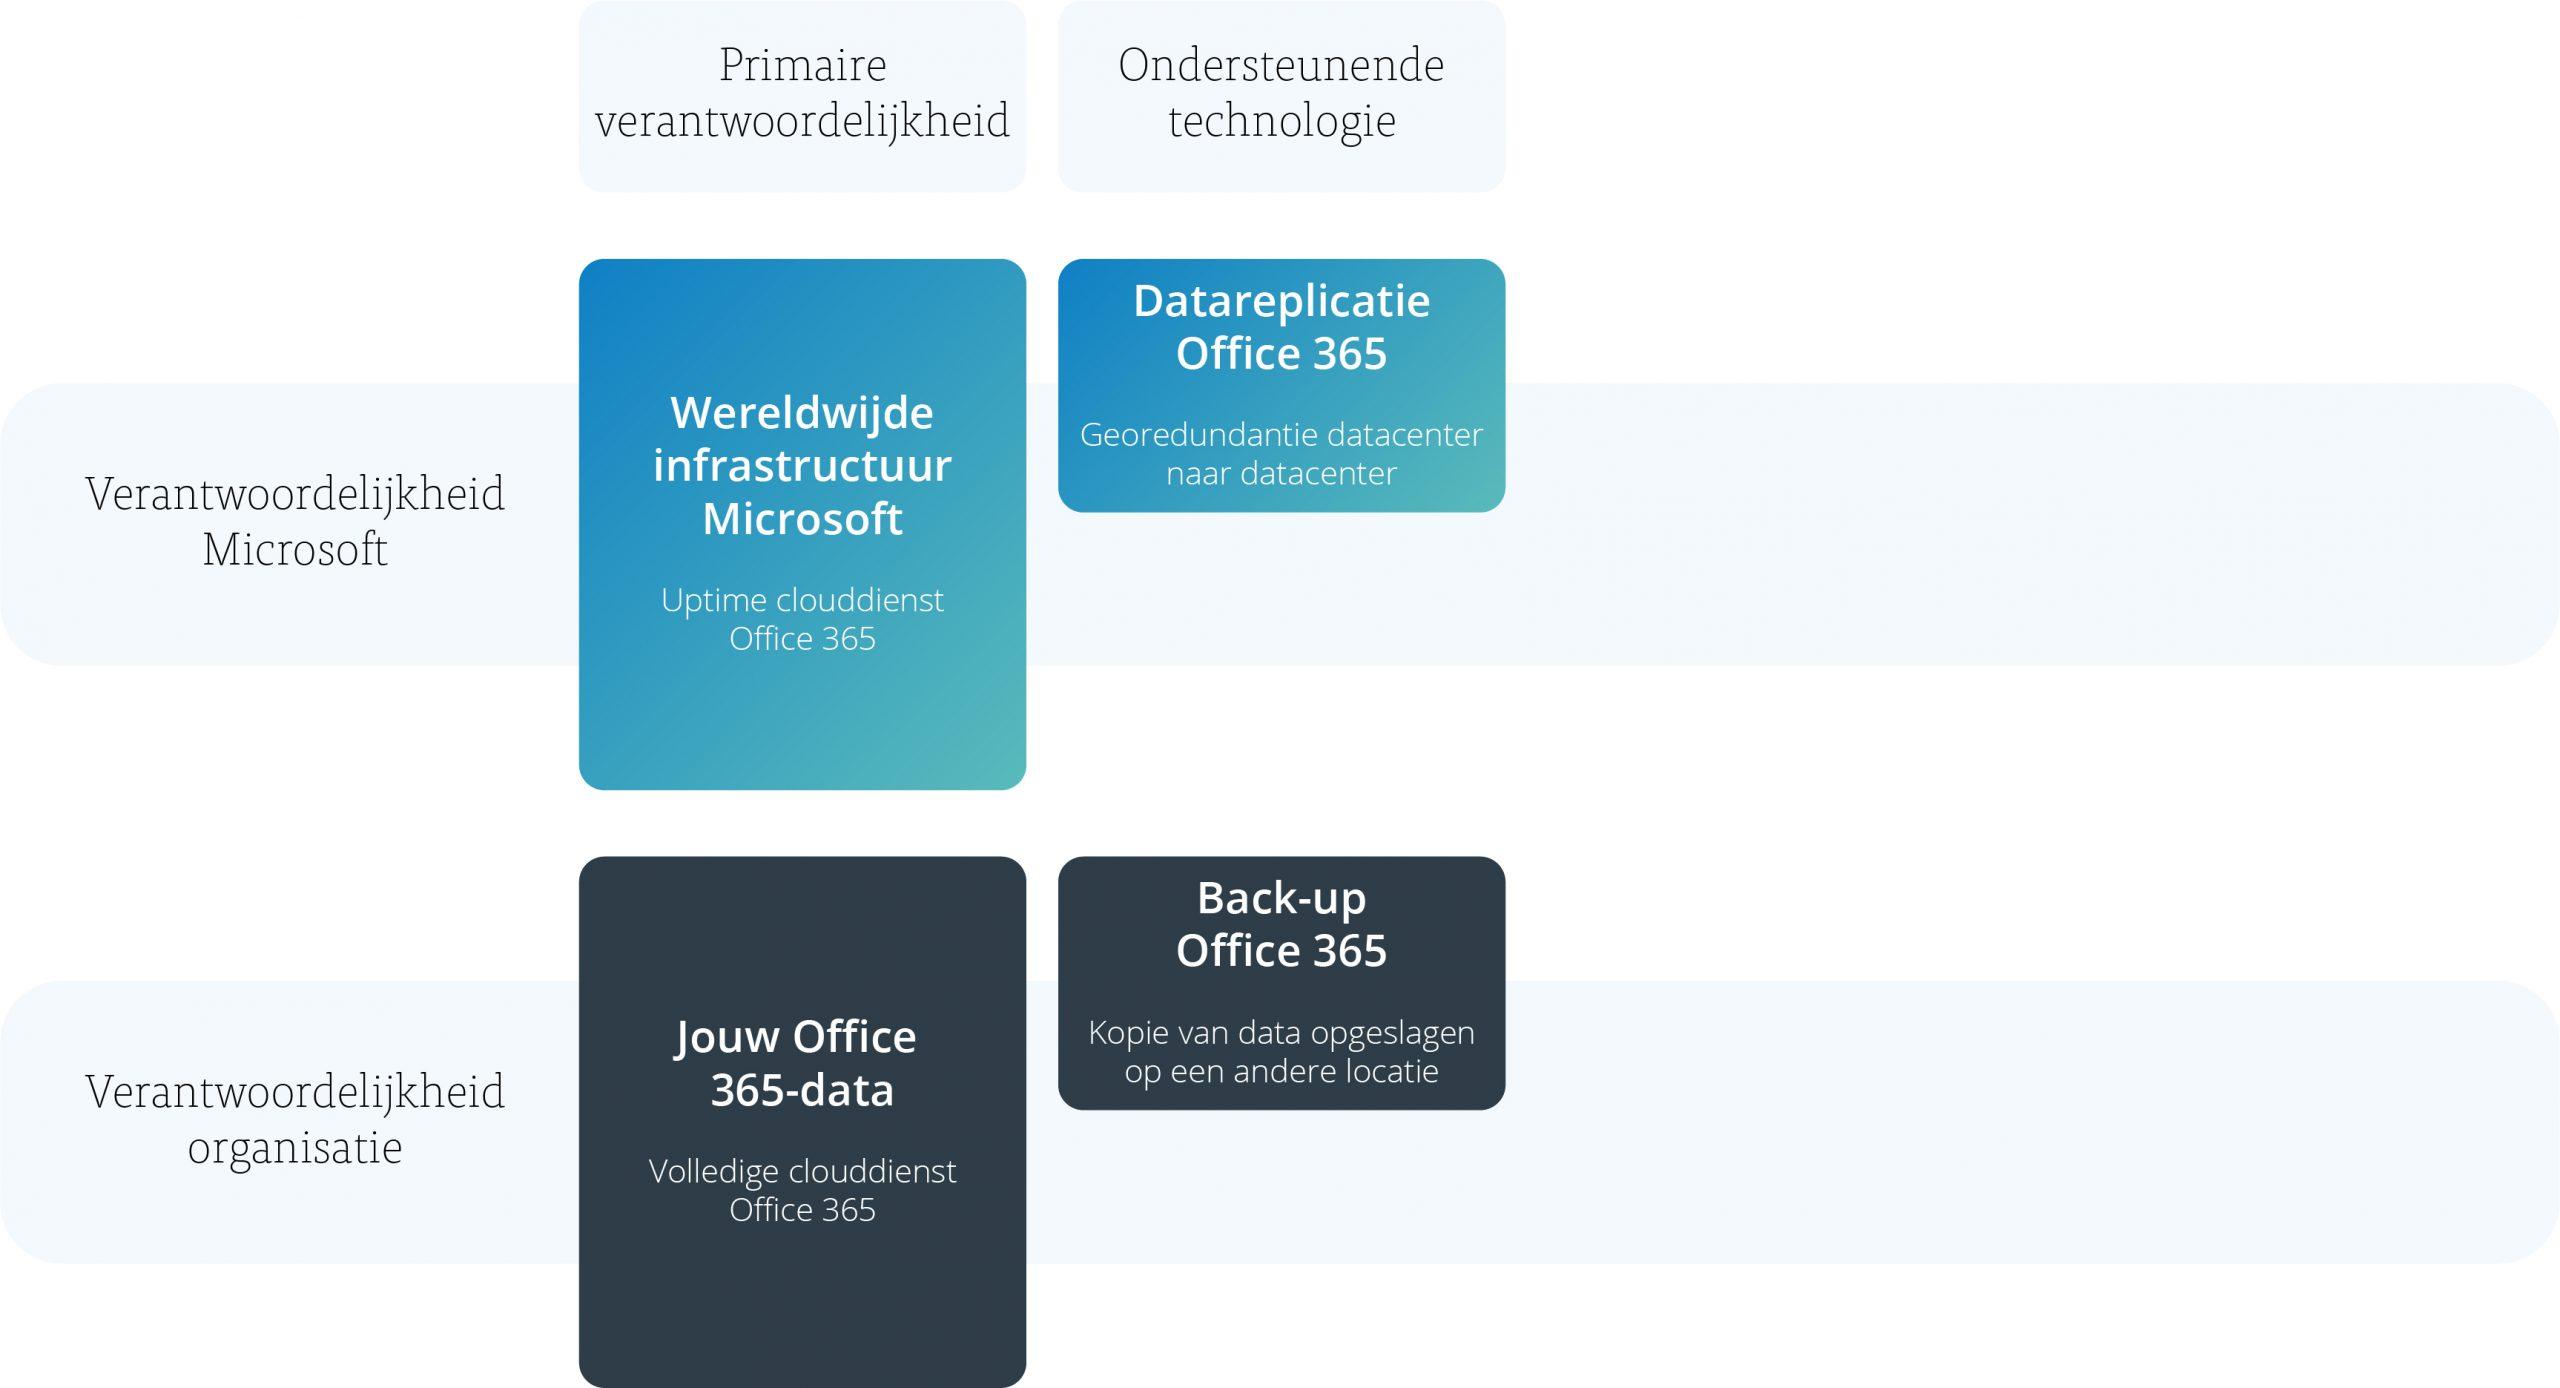 Model back-up voor Office 365 - afbeelding 2